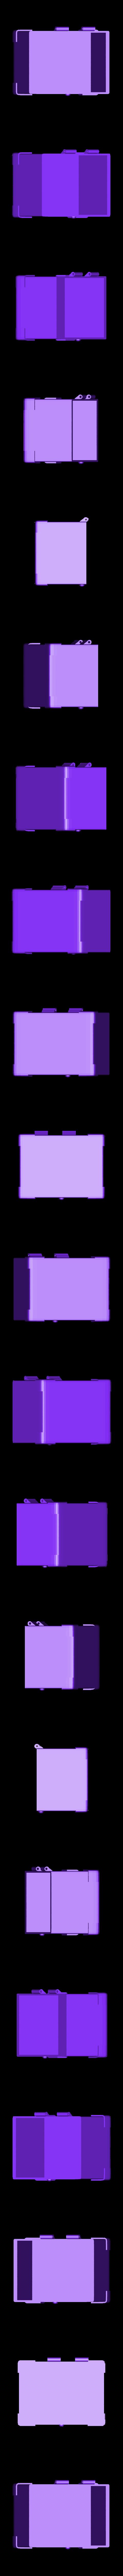 Box.stl Télécharger fichier STL gratuit Boite à jeux • Modèle imprimable en 3D, ykratter